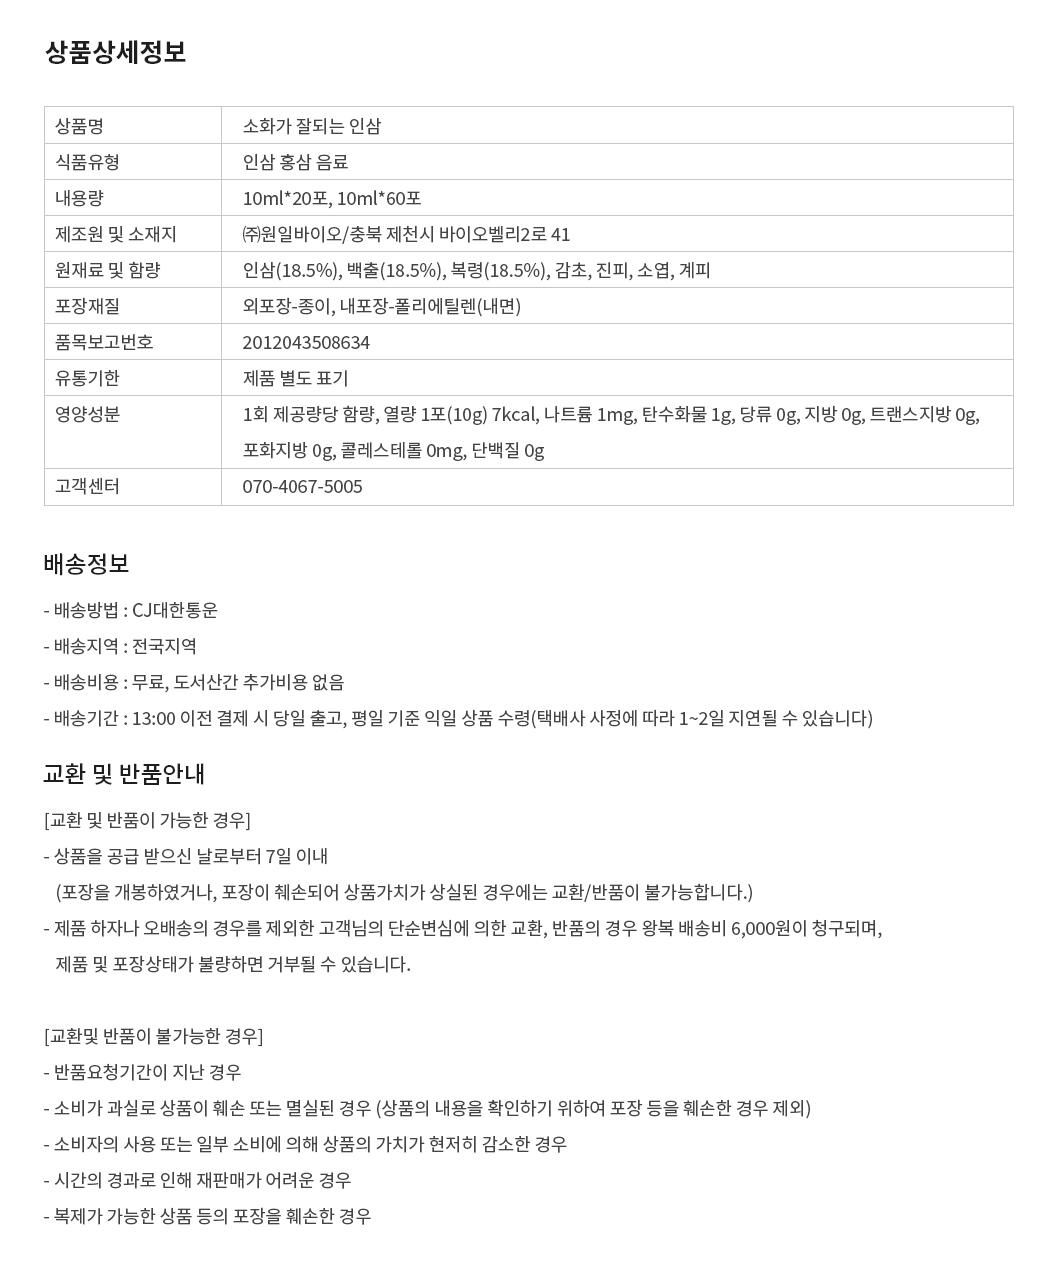 소화삼-상품정보.jpg